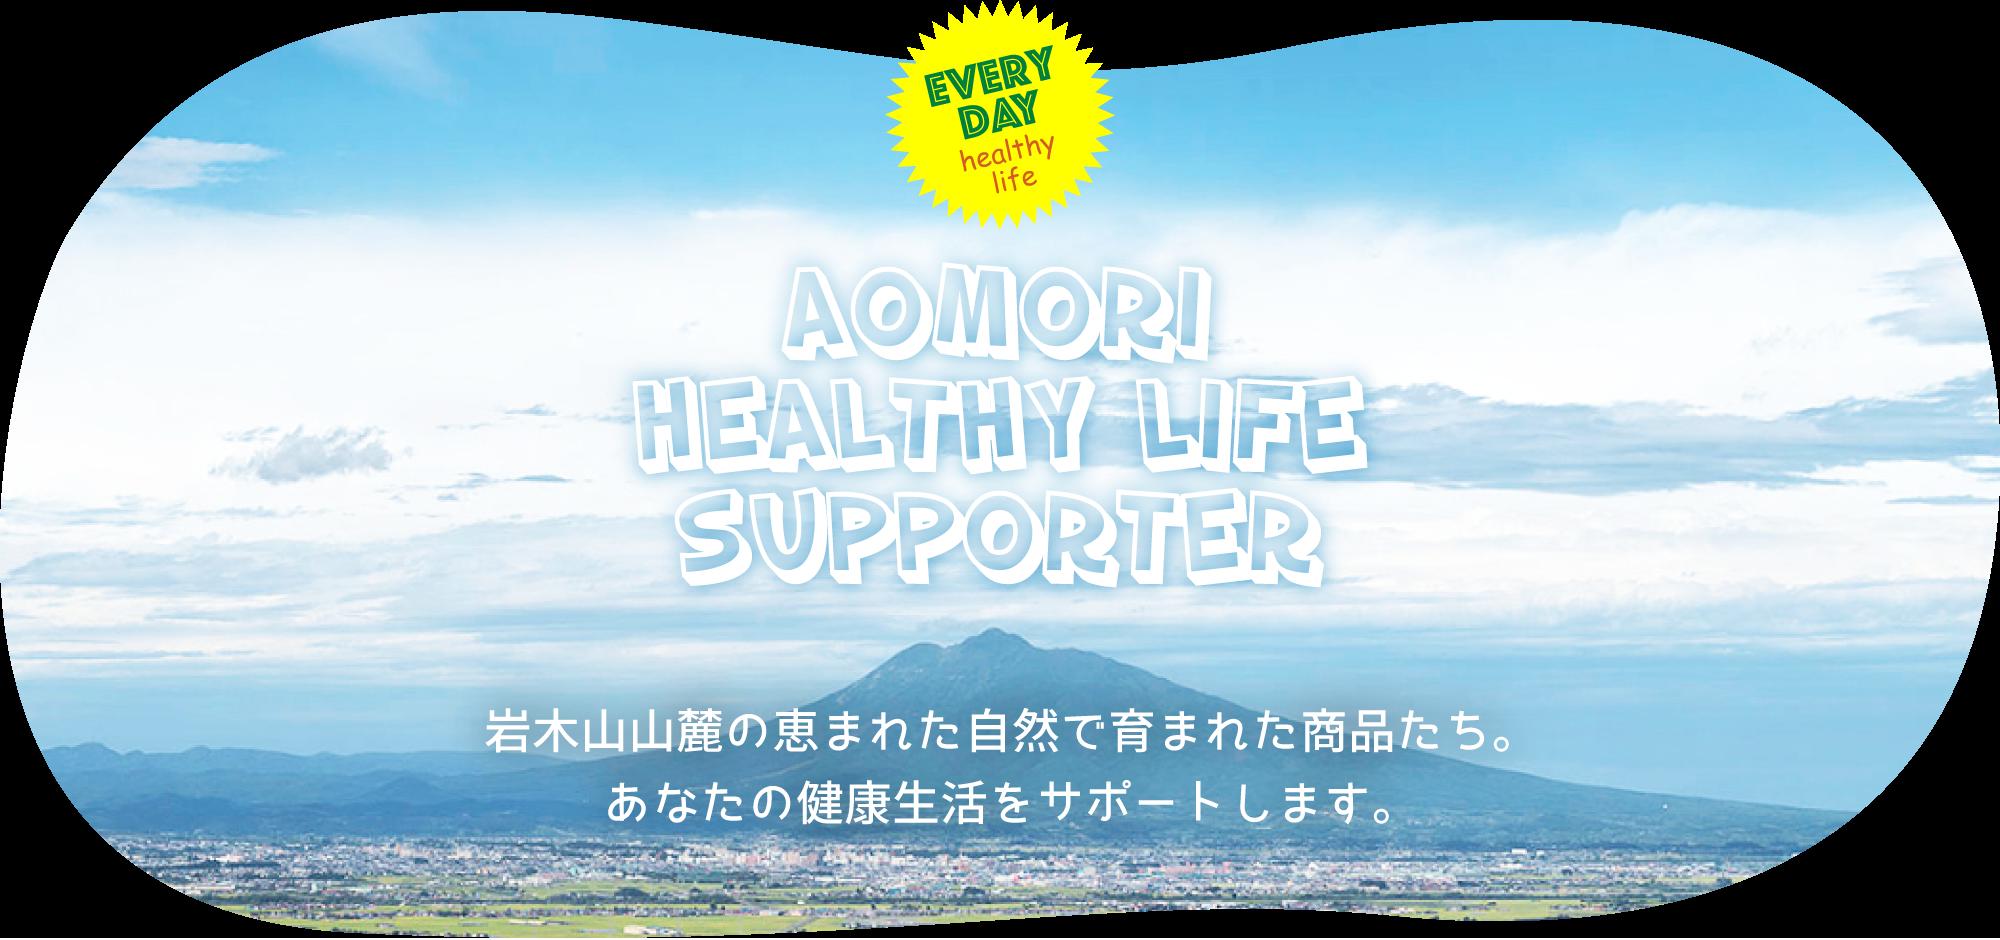 AOMORI HEALTHY LIFE SUPPORTER